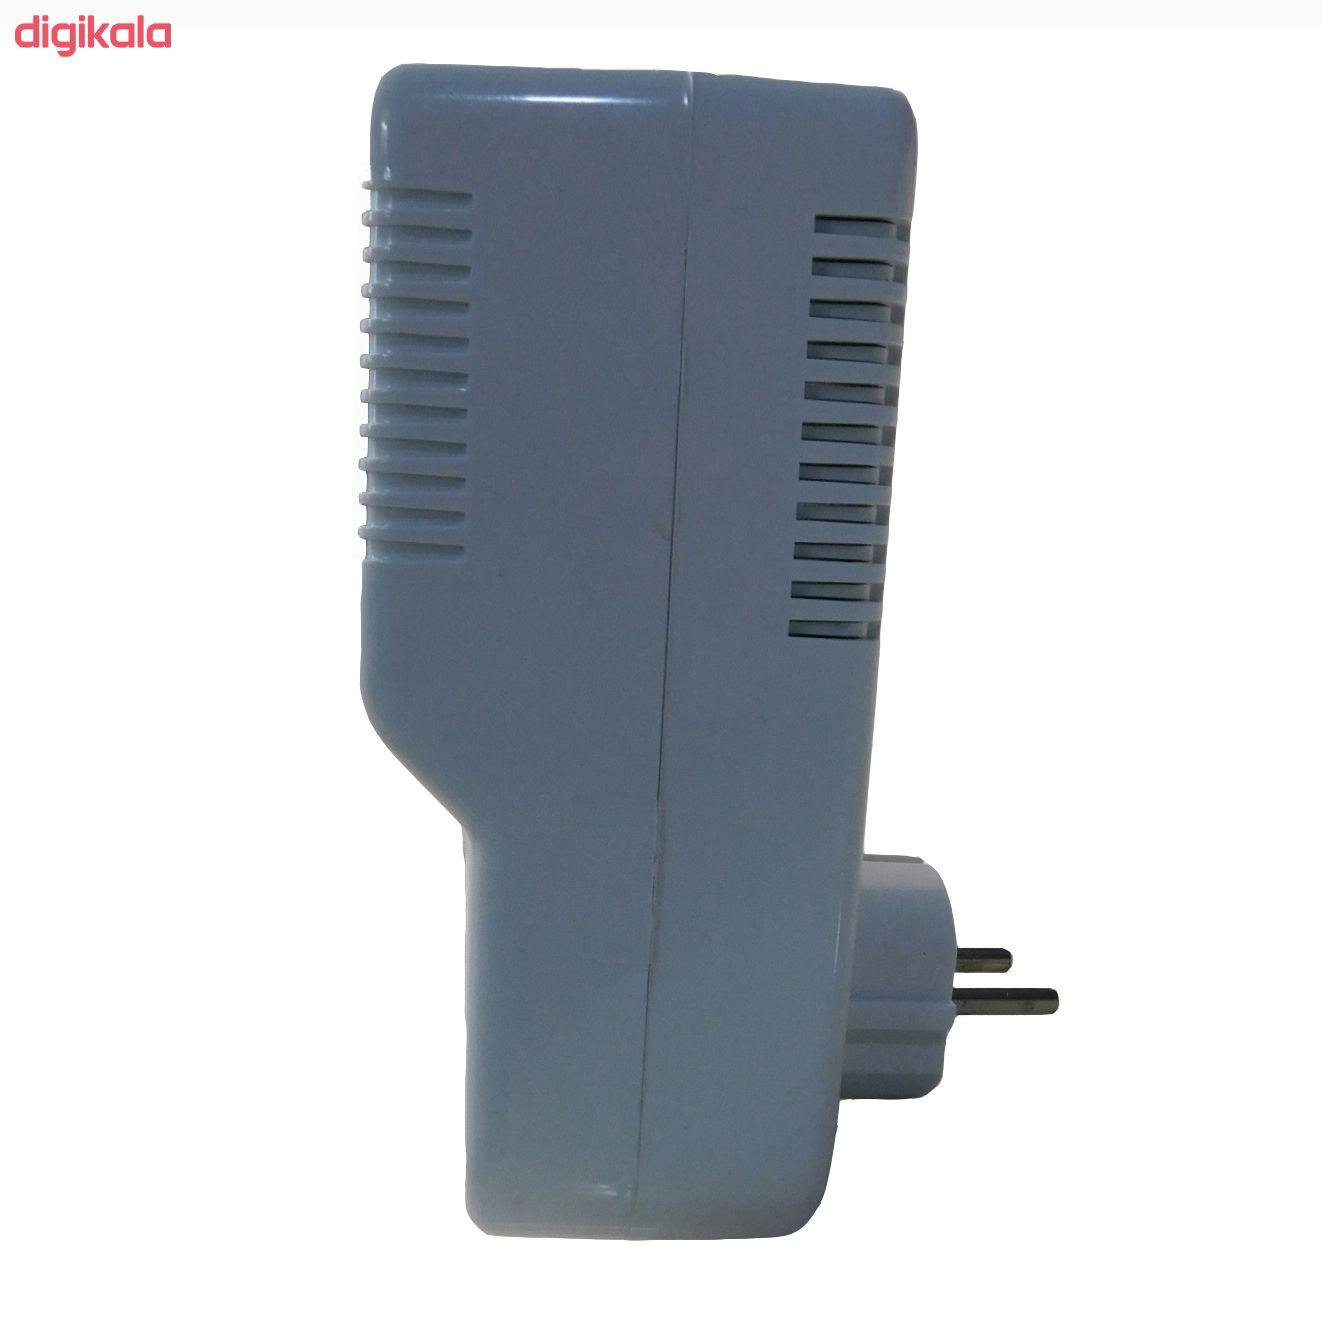 محافظ ولتاژ پارت الکتریک مدل 01 main 1 2